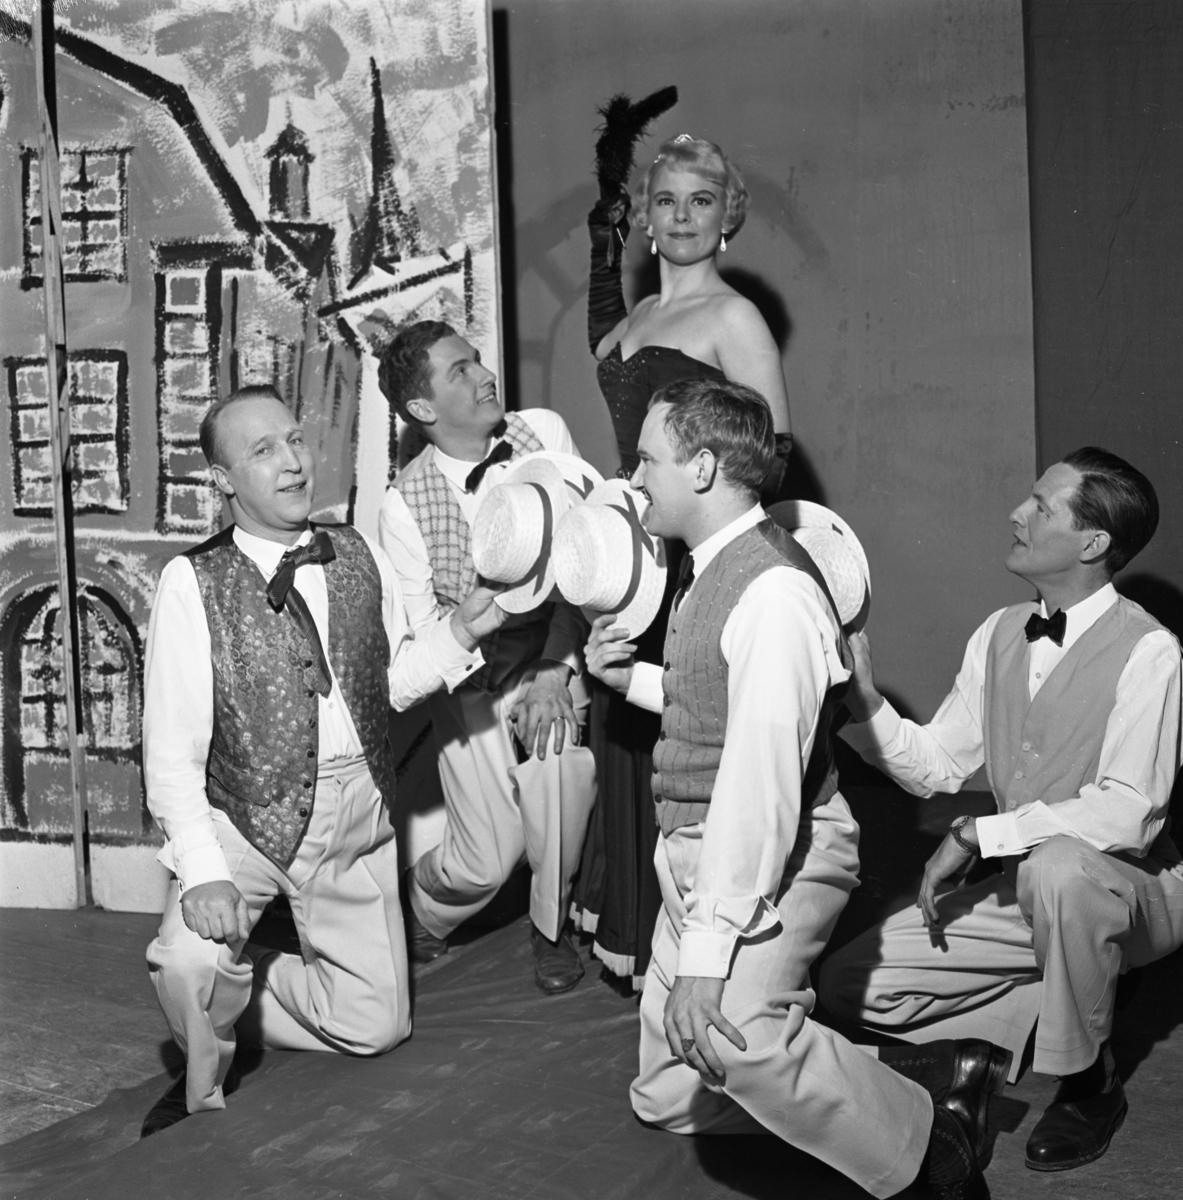 """Revyrepetition. """"Tusen tunnlar"""" hade premiär på Folkan på Trettondagsafton 1961. Primadonnan är Lisbeth Söderström-Alsbro. Männen är, från vänster, Anders Wadström, Larz-Thure Ljungdahl, okänd och okänd."""